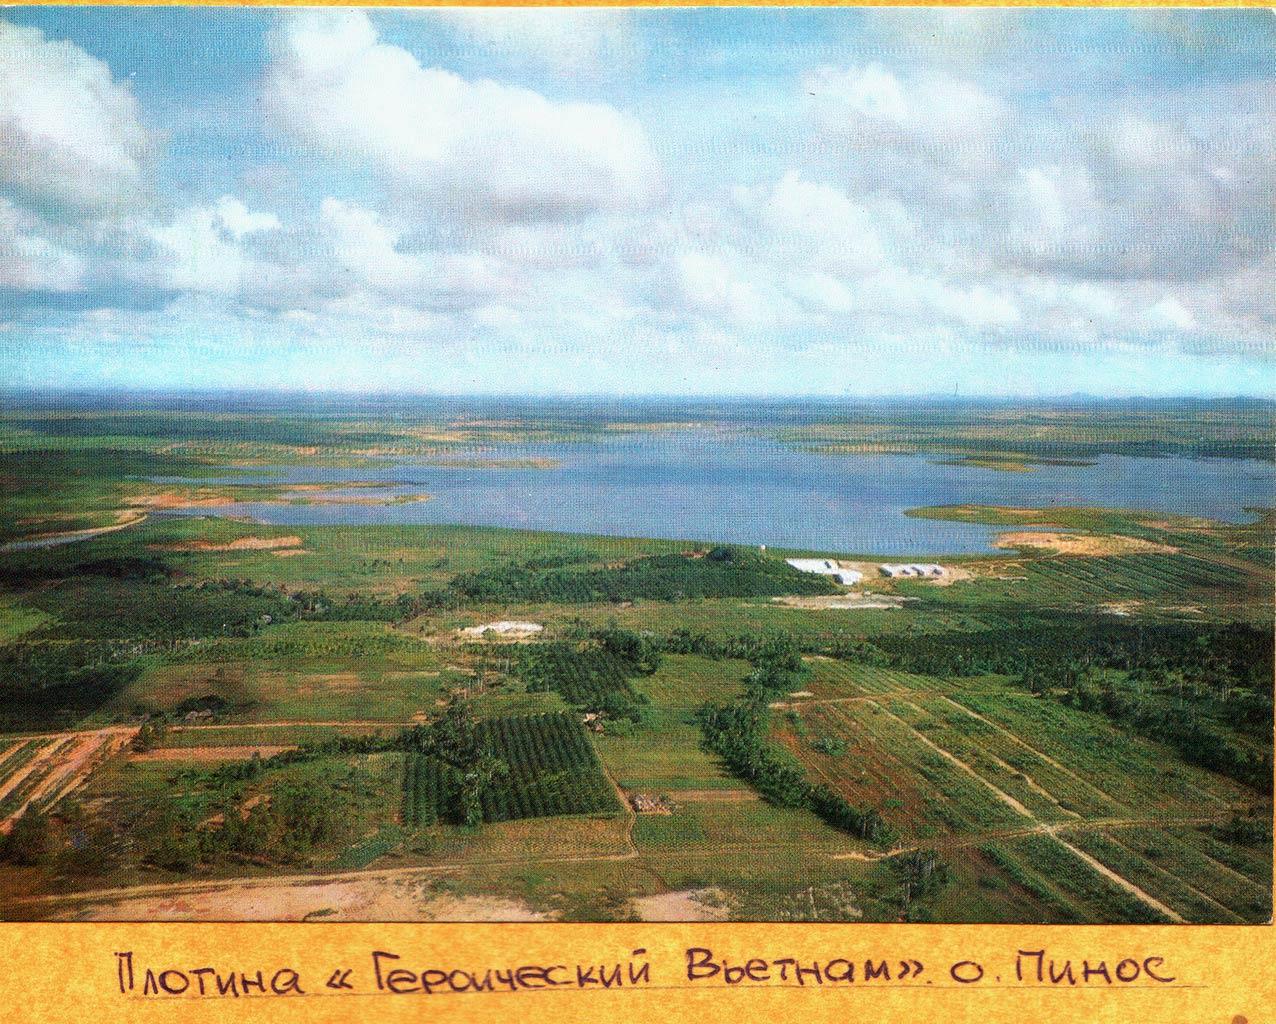 179. Плотина «Героический Вьетнам», остров Пинос